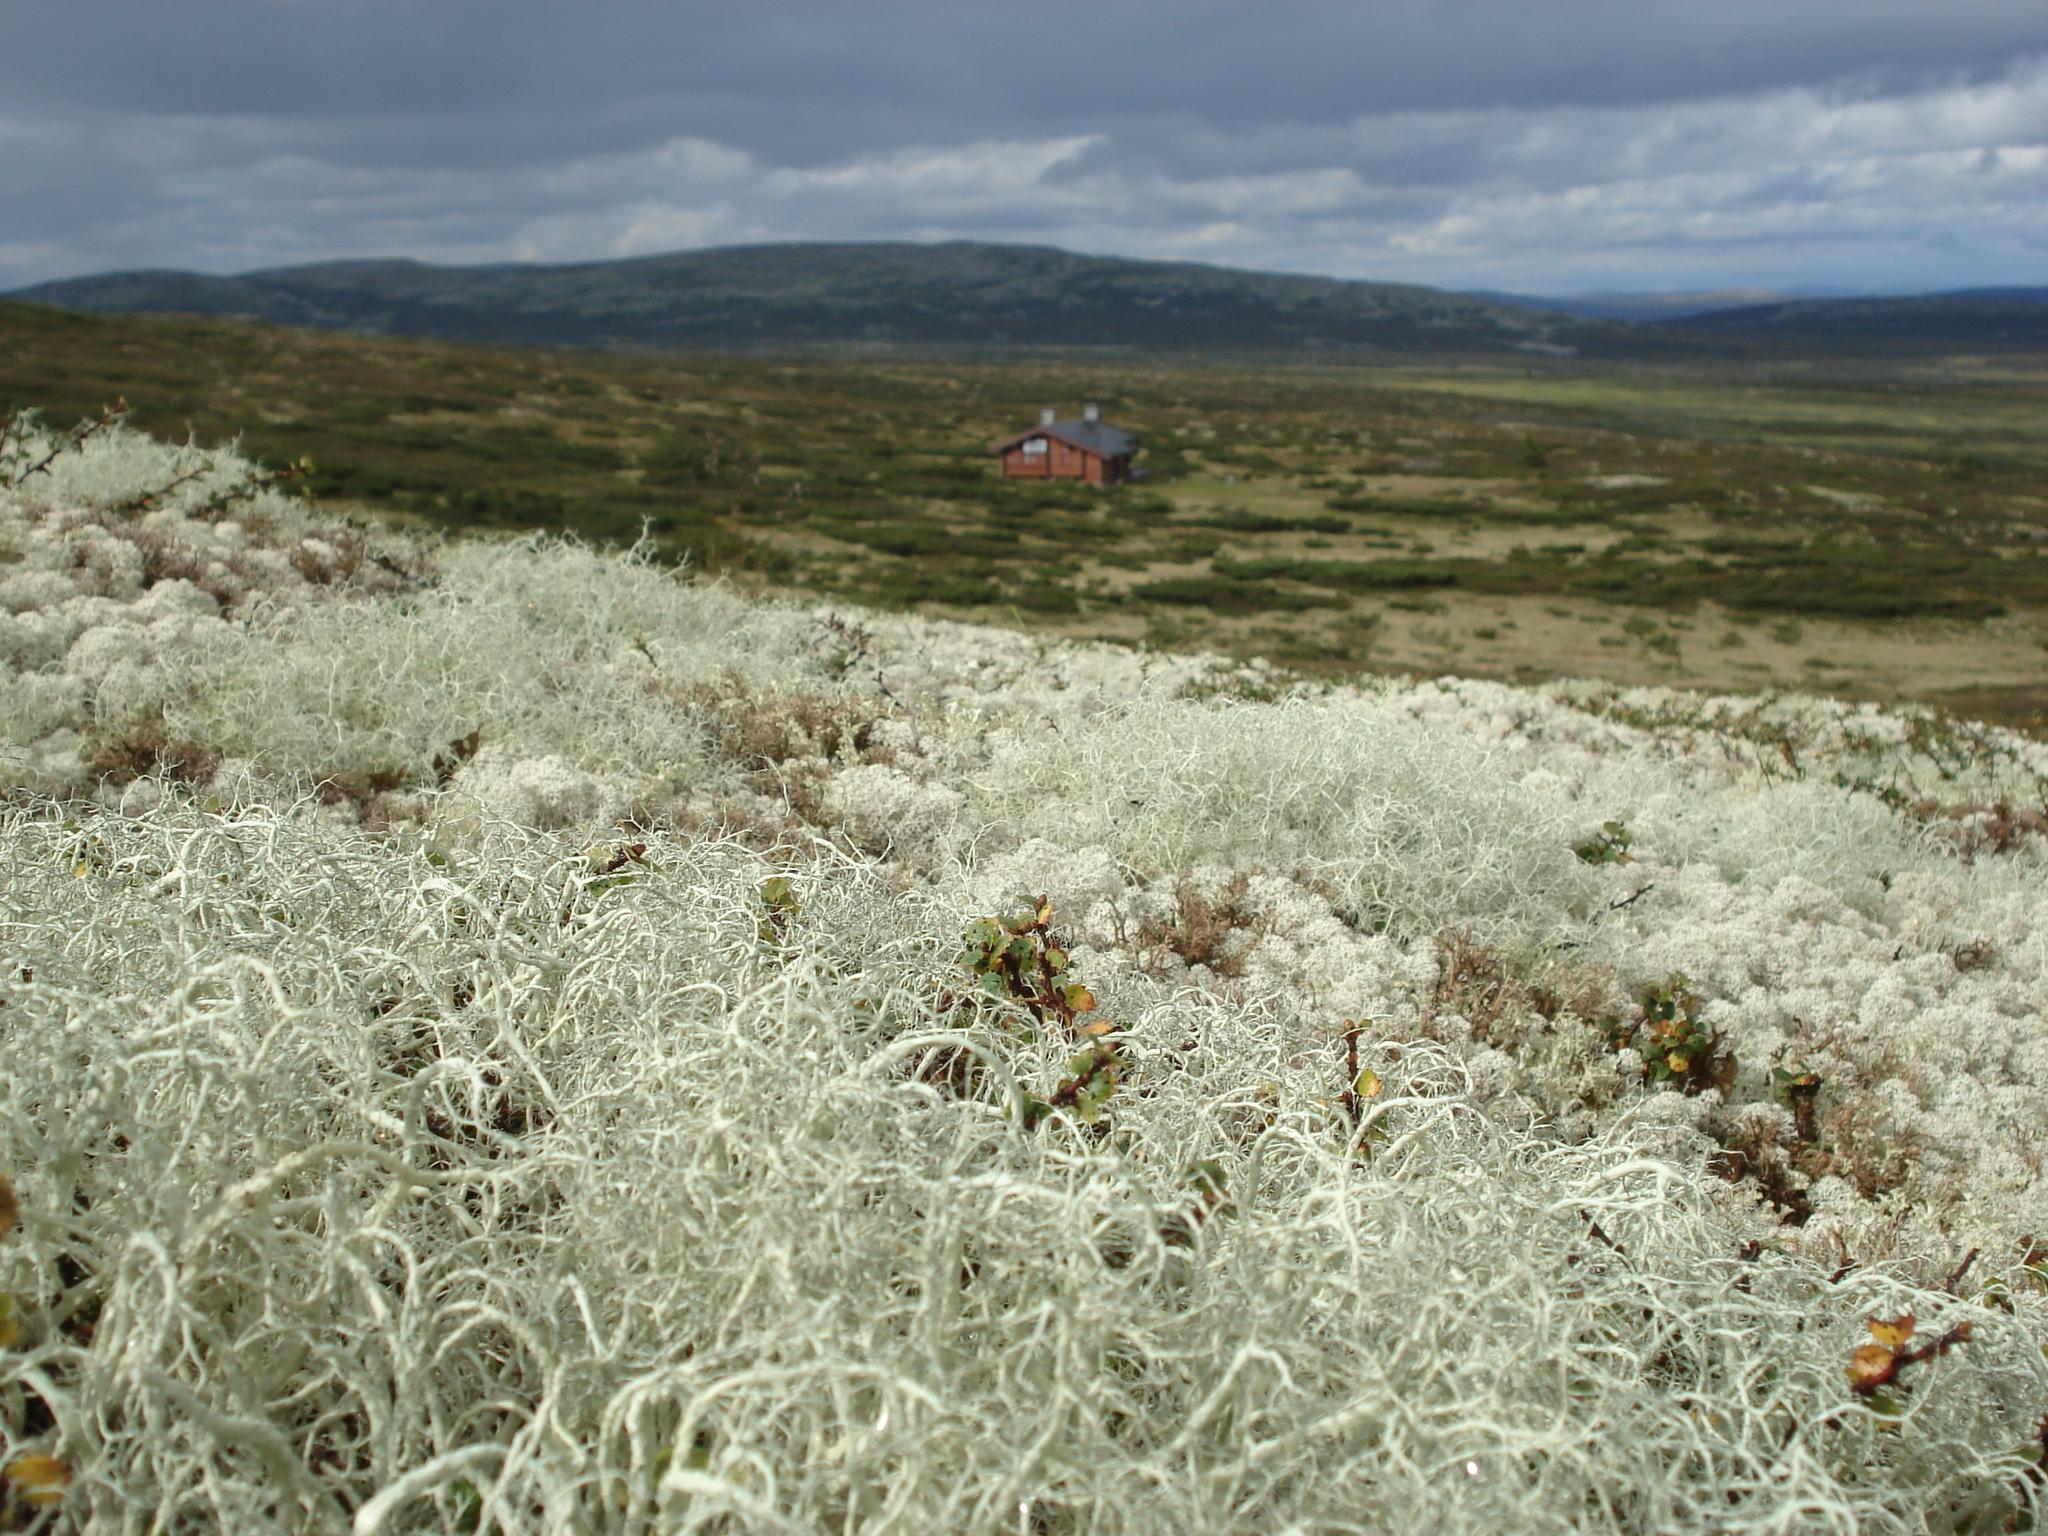 Between lichens